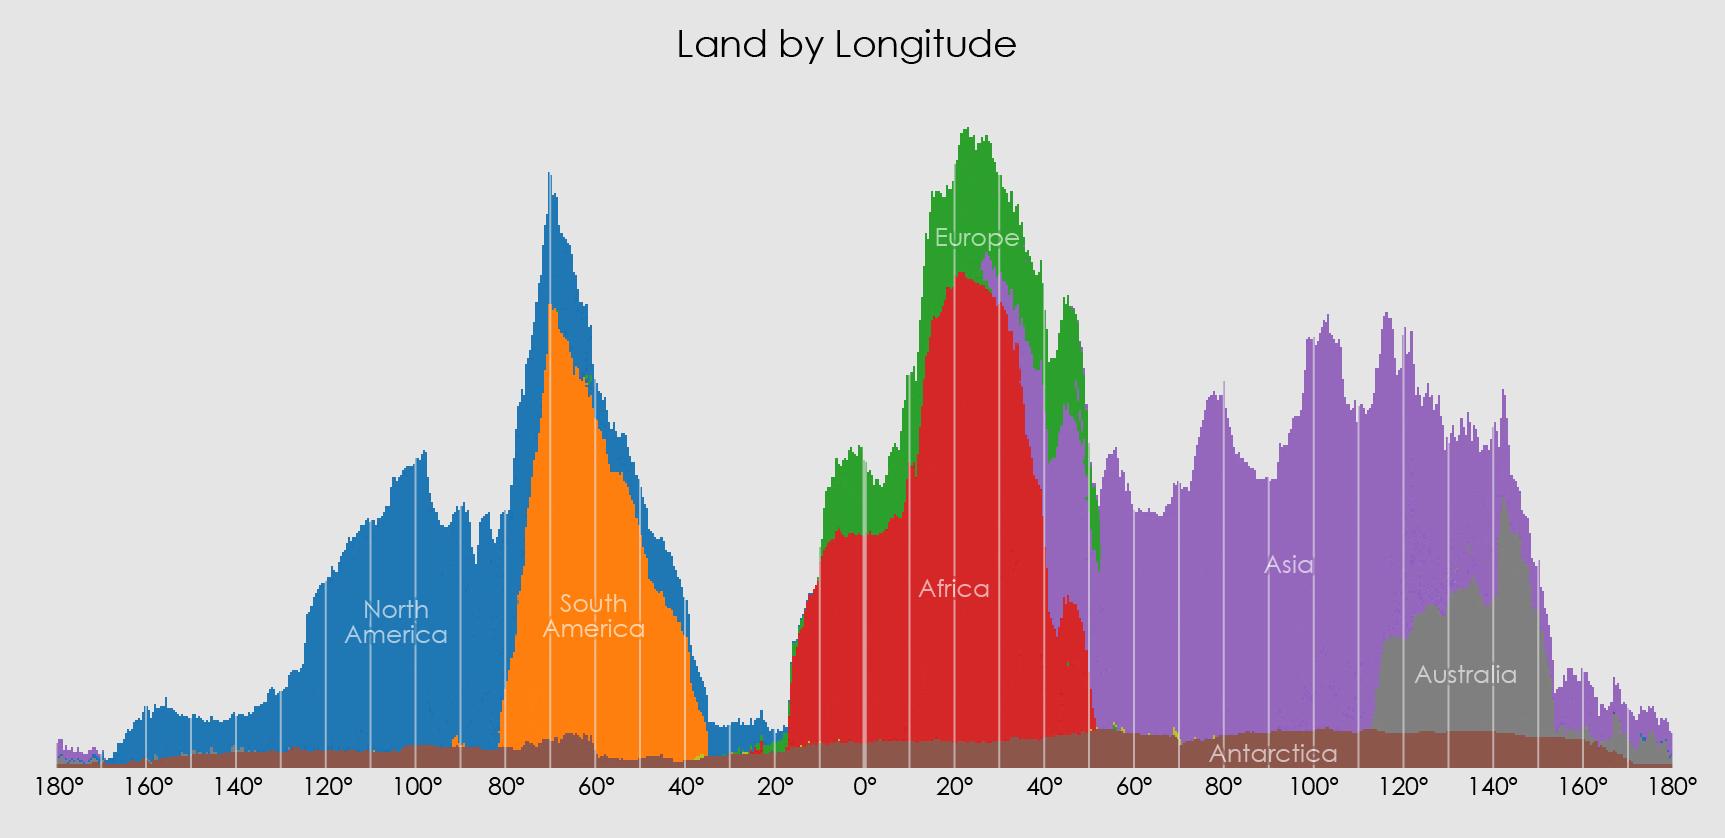 land_by_longitude